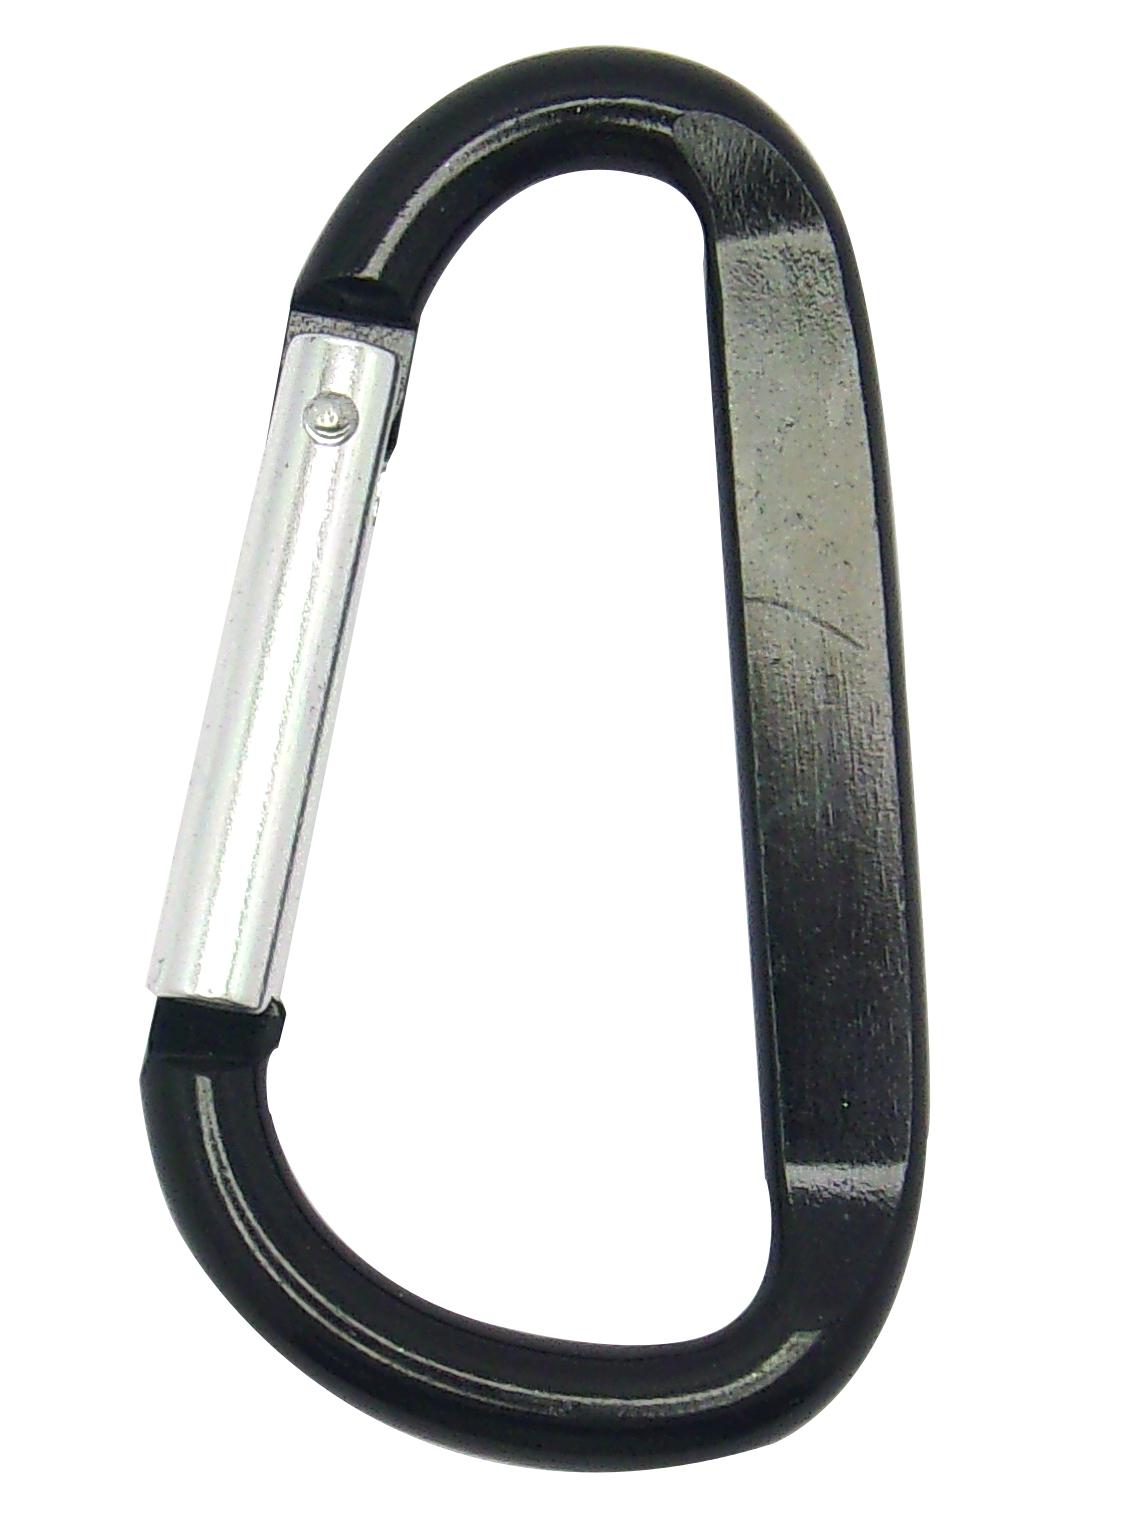 Aluminum Carabiner Clip